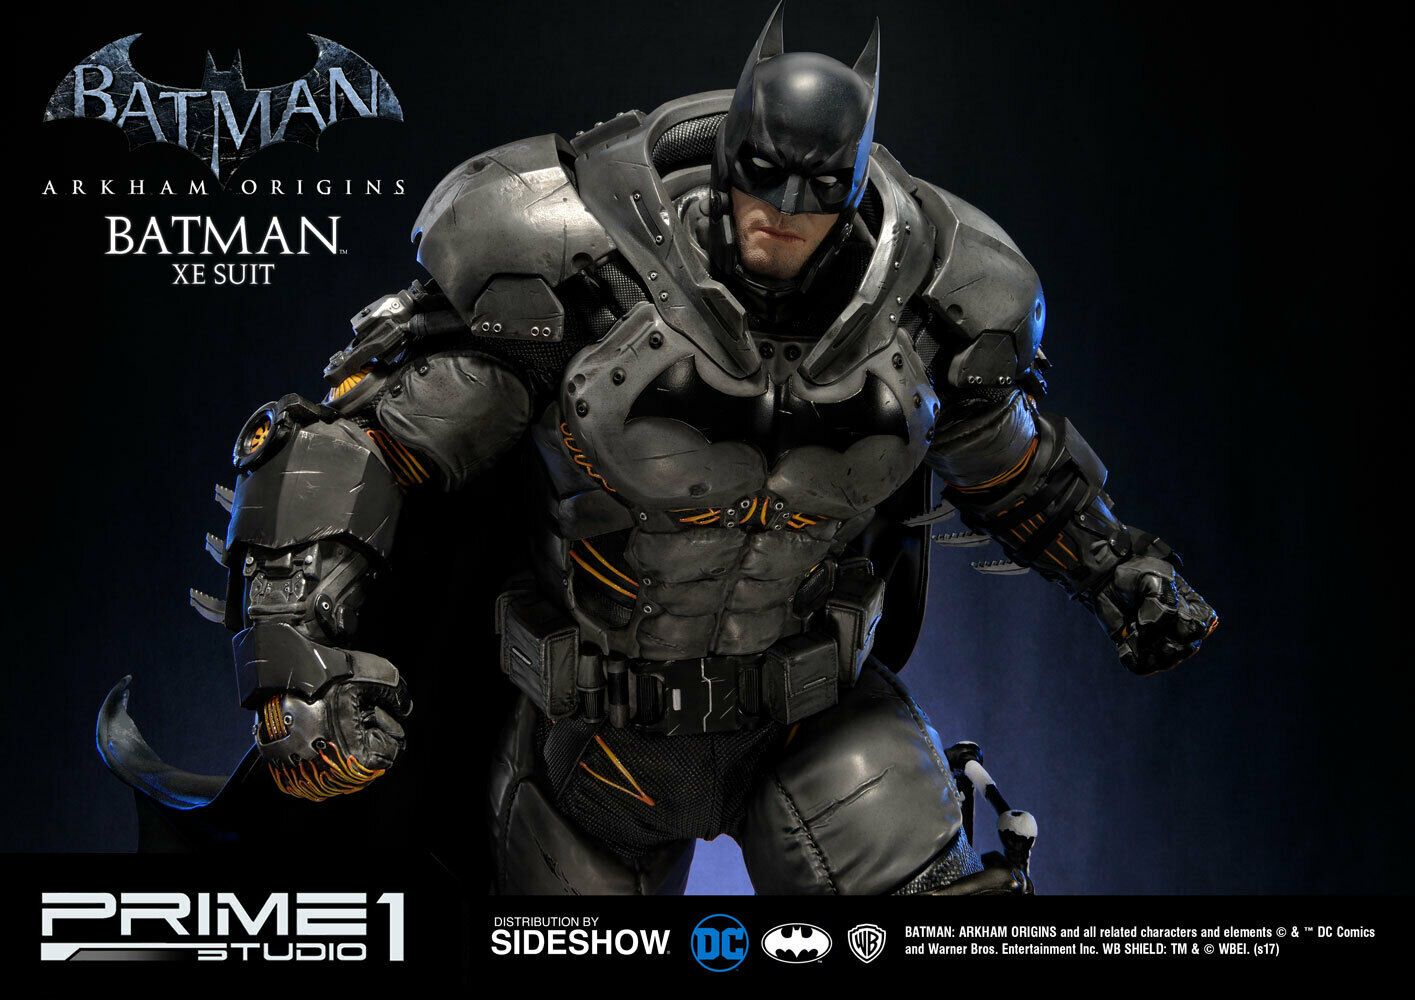 Prime 1 Studio DC Batman Arkham Origins BATMAN XE Suit EXCLUSIVE Statue #120/500